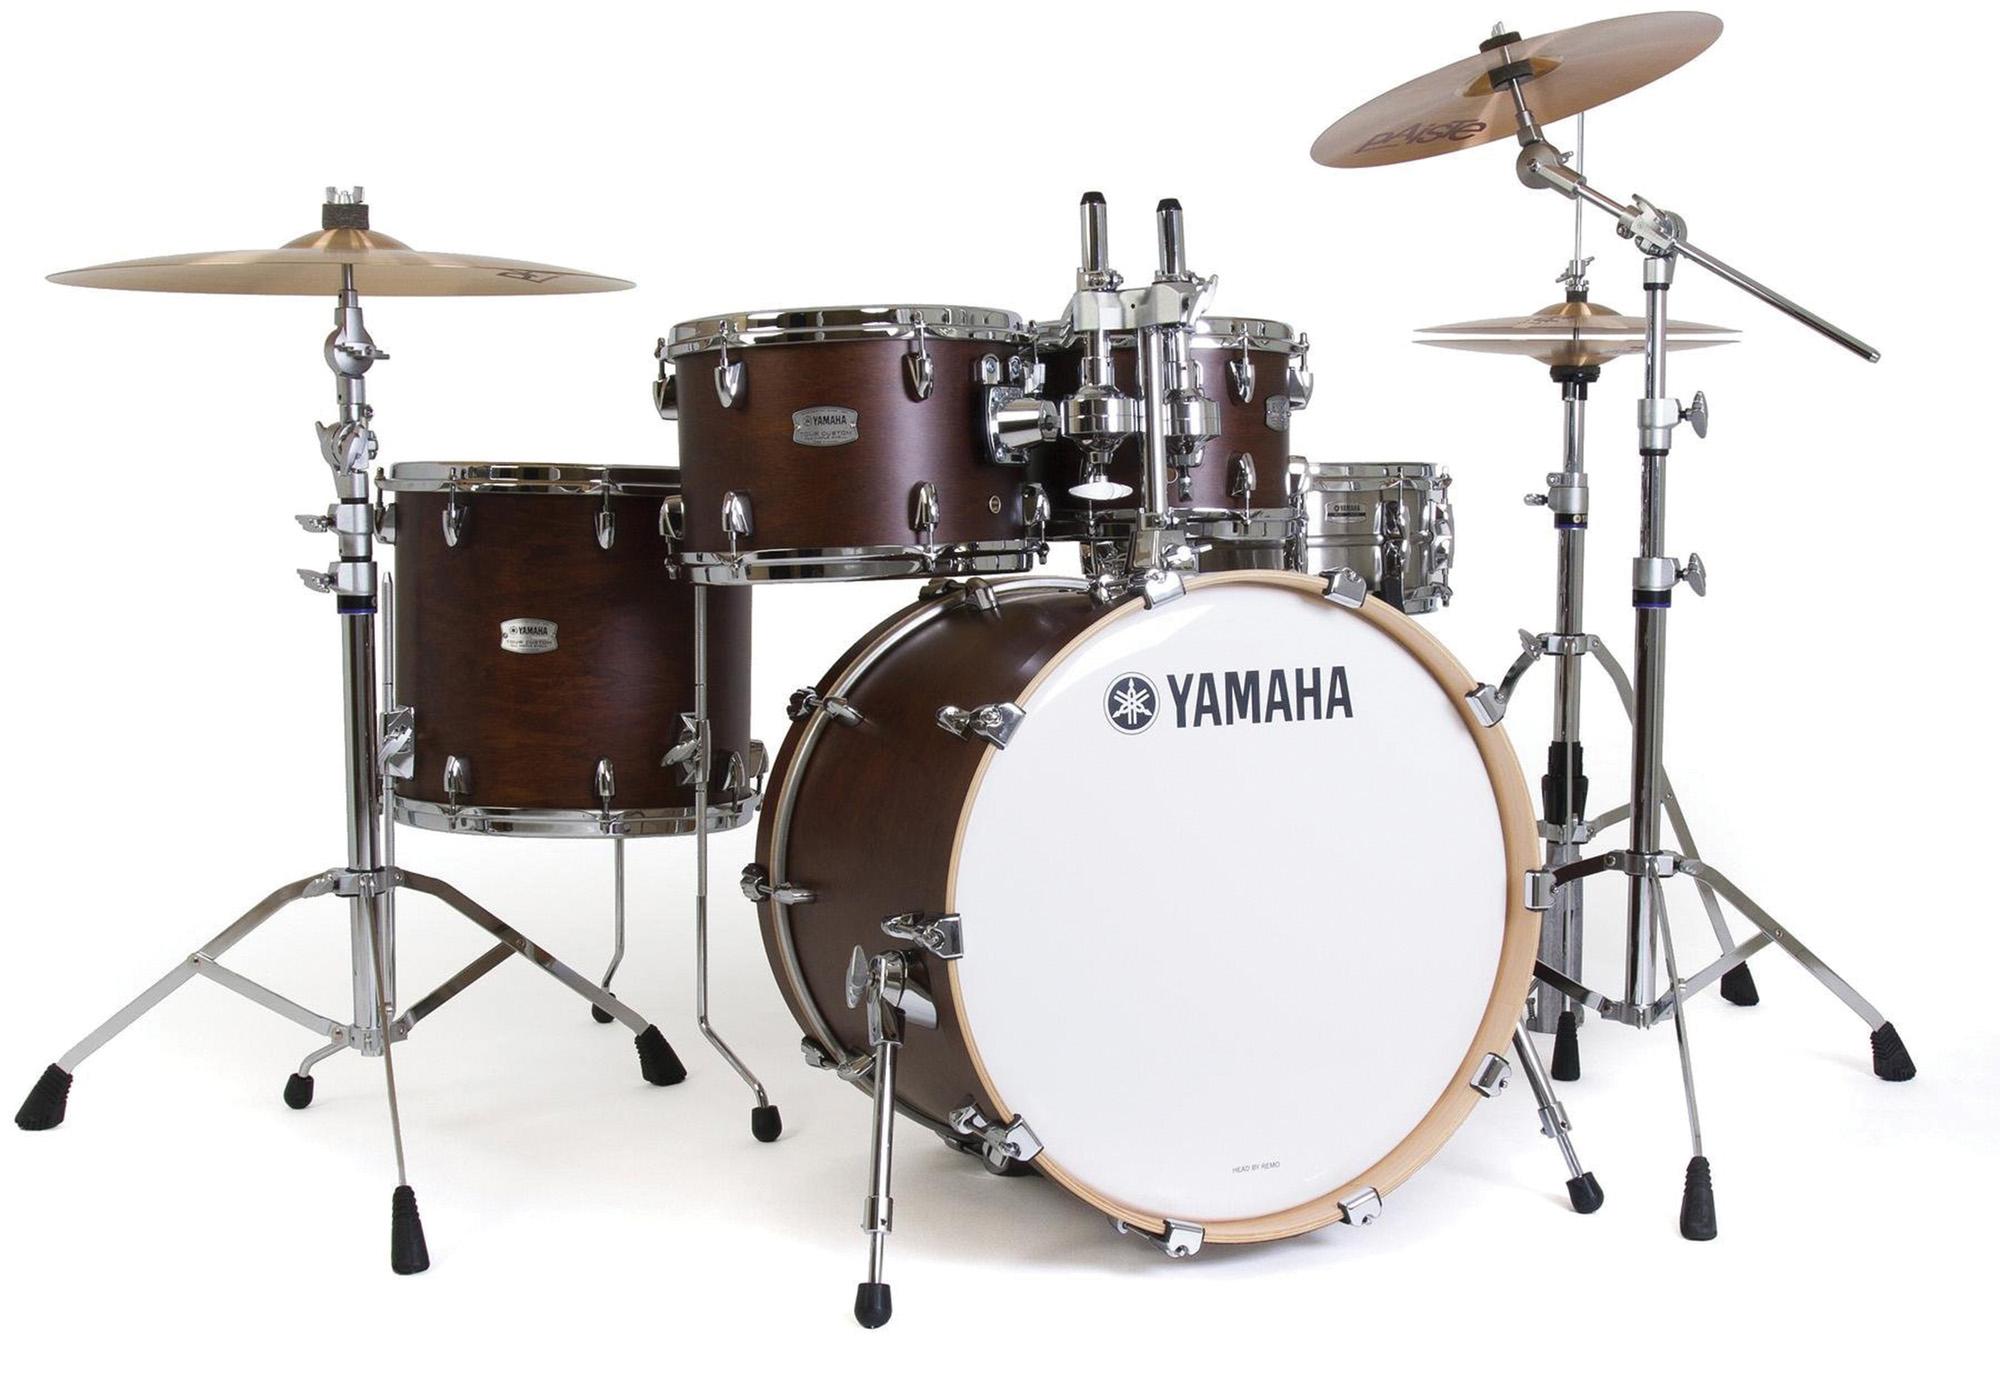 yamaha tour custom drumset modern drummer magazine. Black Bedroom Furniture Sets. Home Design Ideas